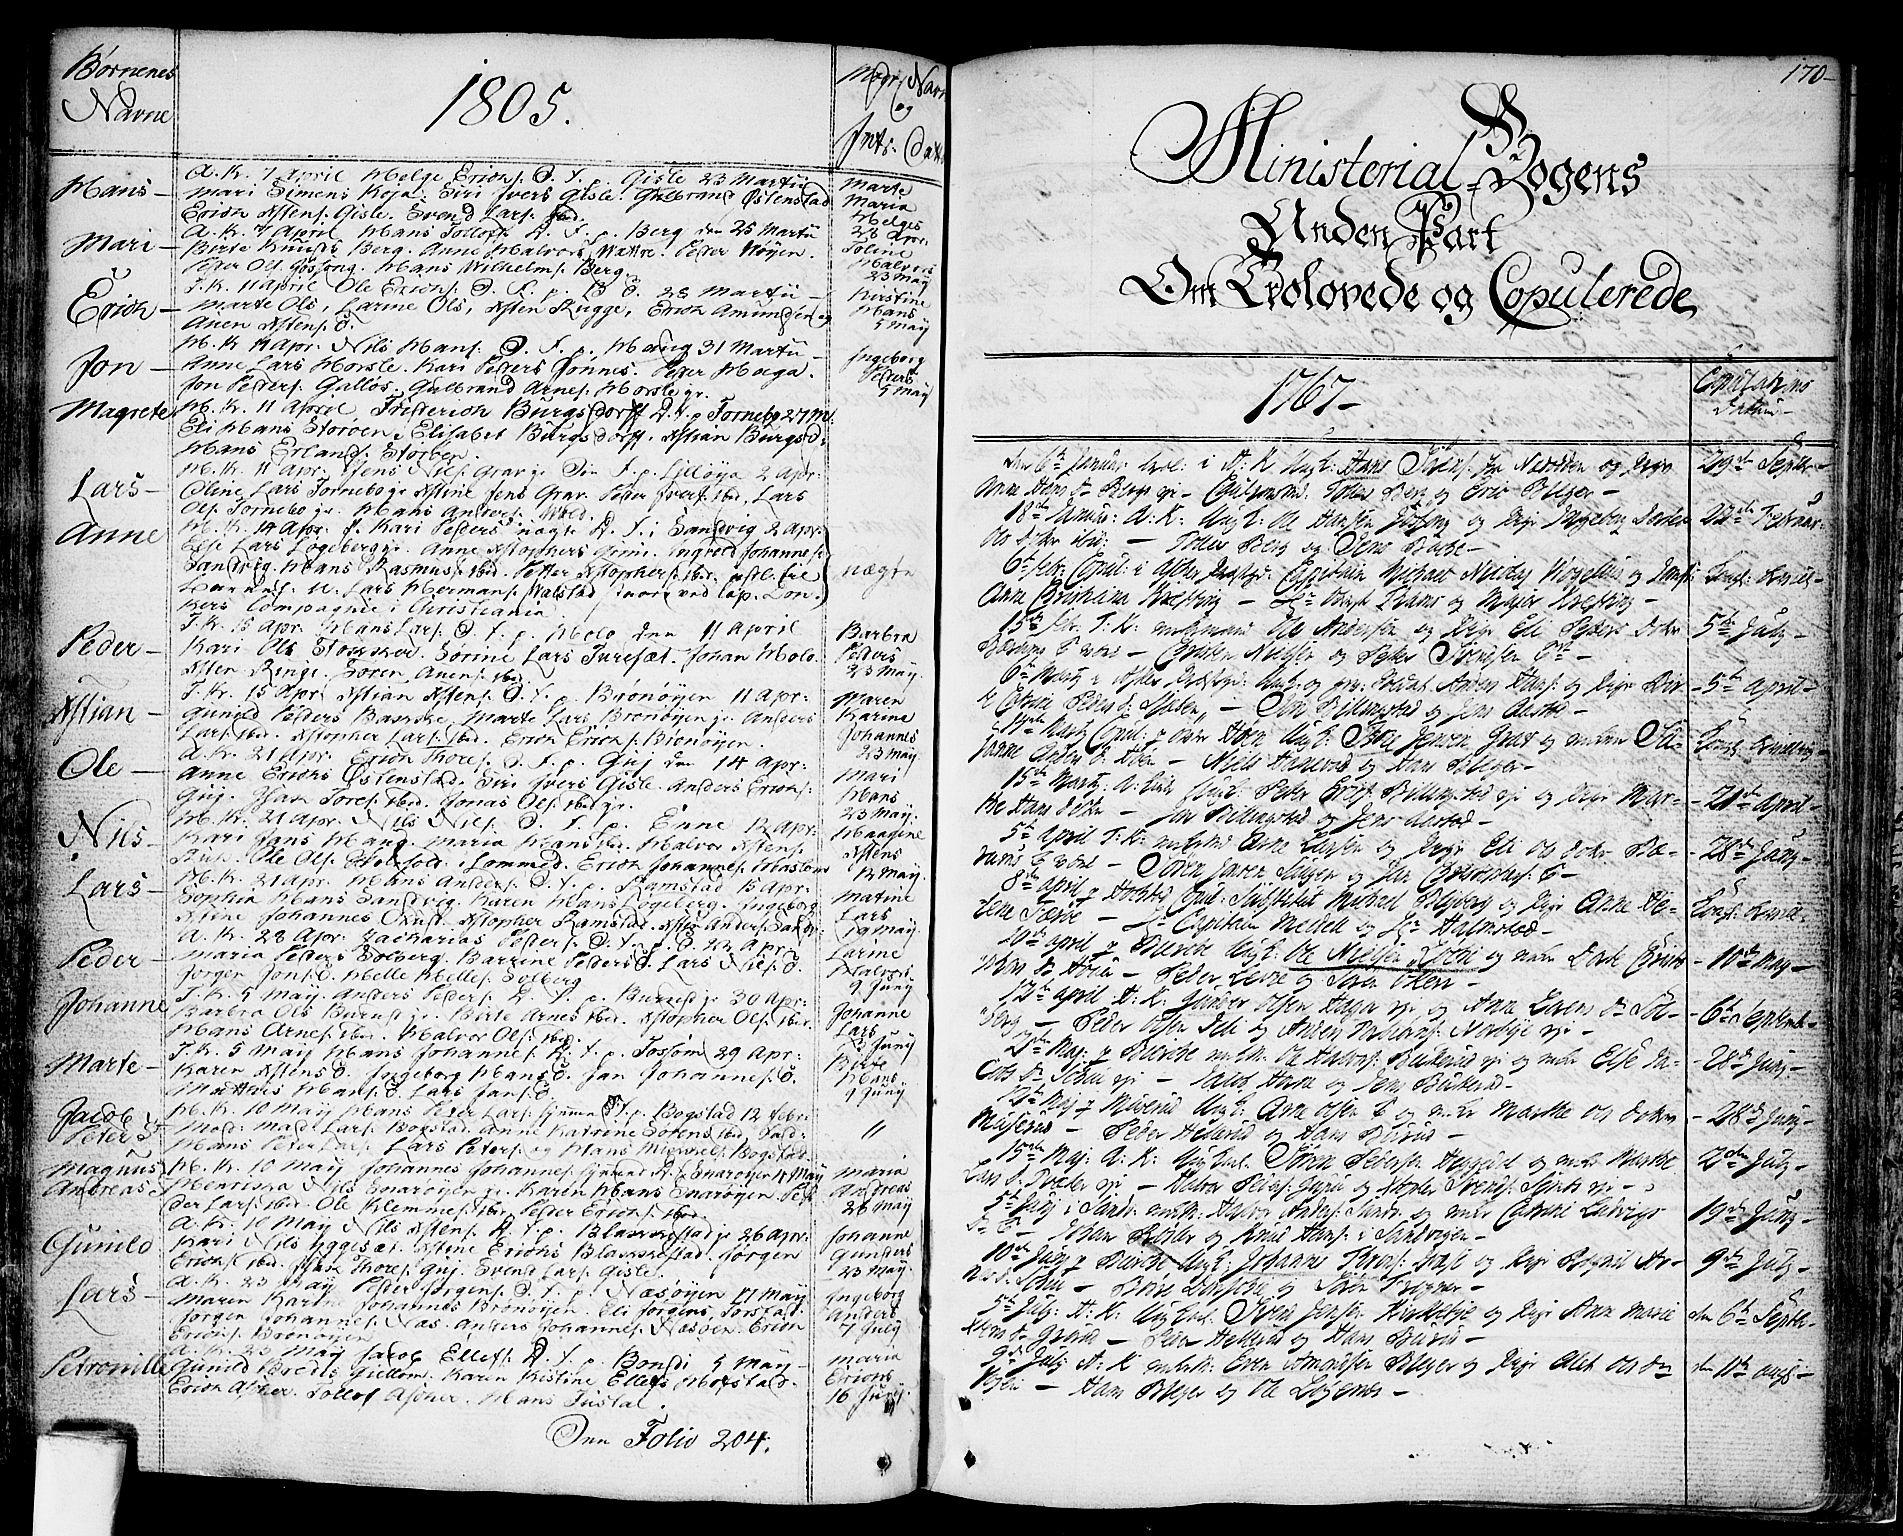 SAO, Asker prestekontor Kirkebøker, F/Fa/L0003: Ministerialbok nr. I 3, 1767-1807, s. 170